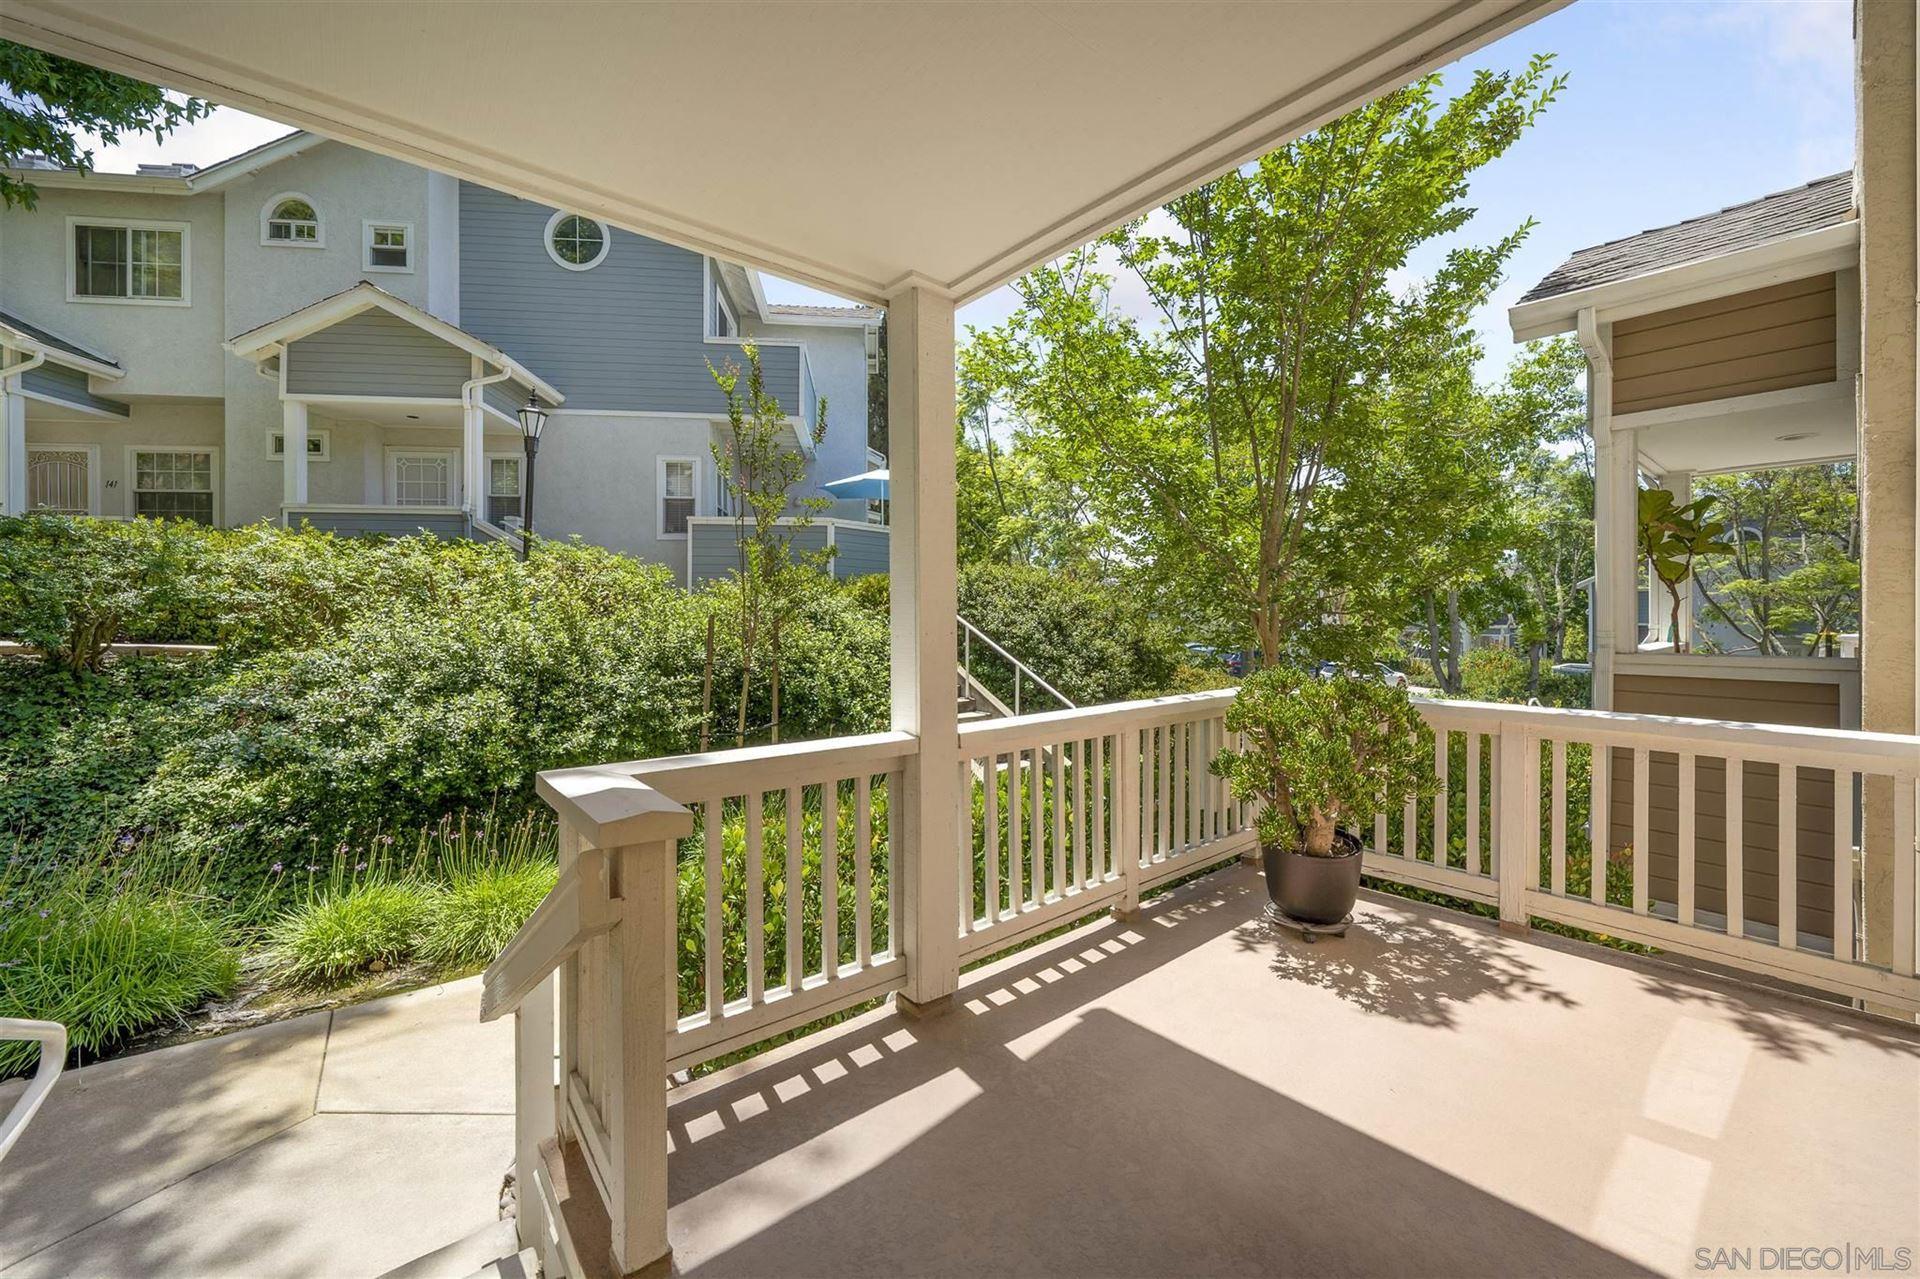 Photo of 9950 Scripps Vista Way #124, San Diego, CA 92131 (MLS # 210021827)